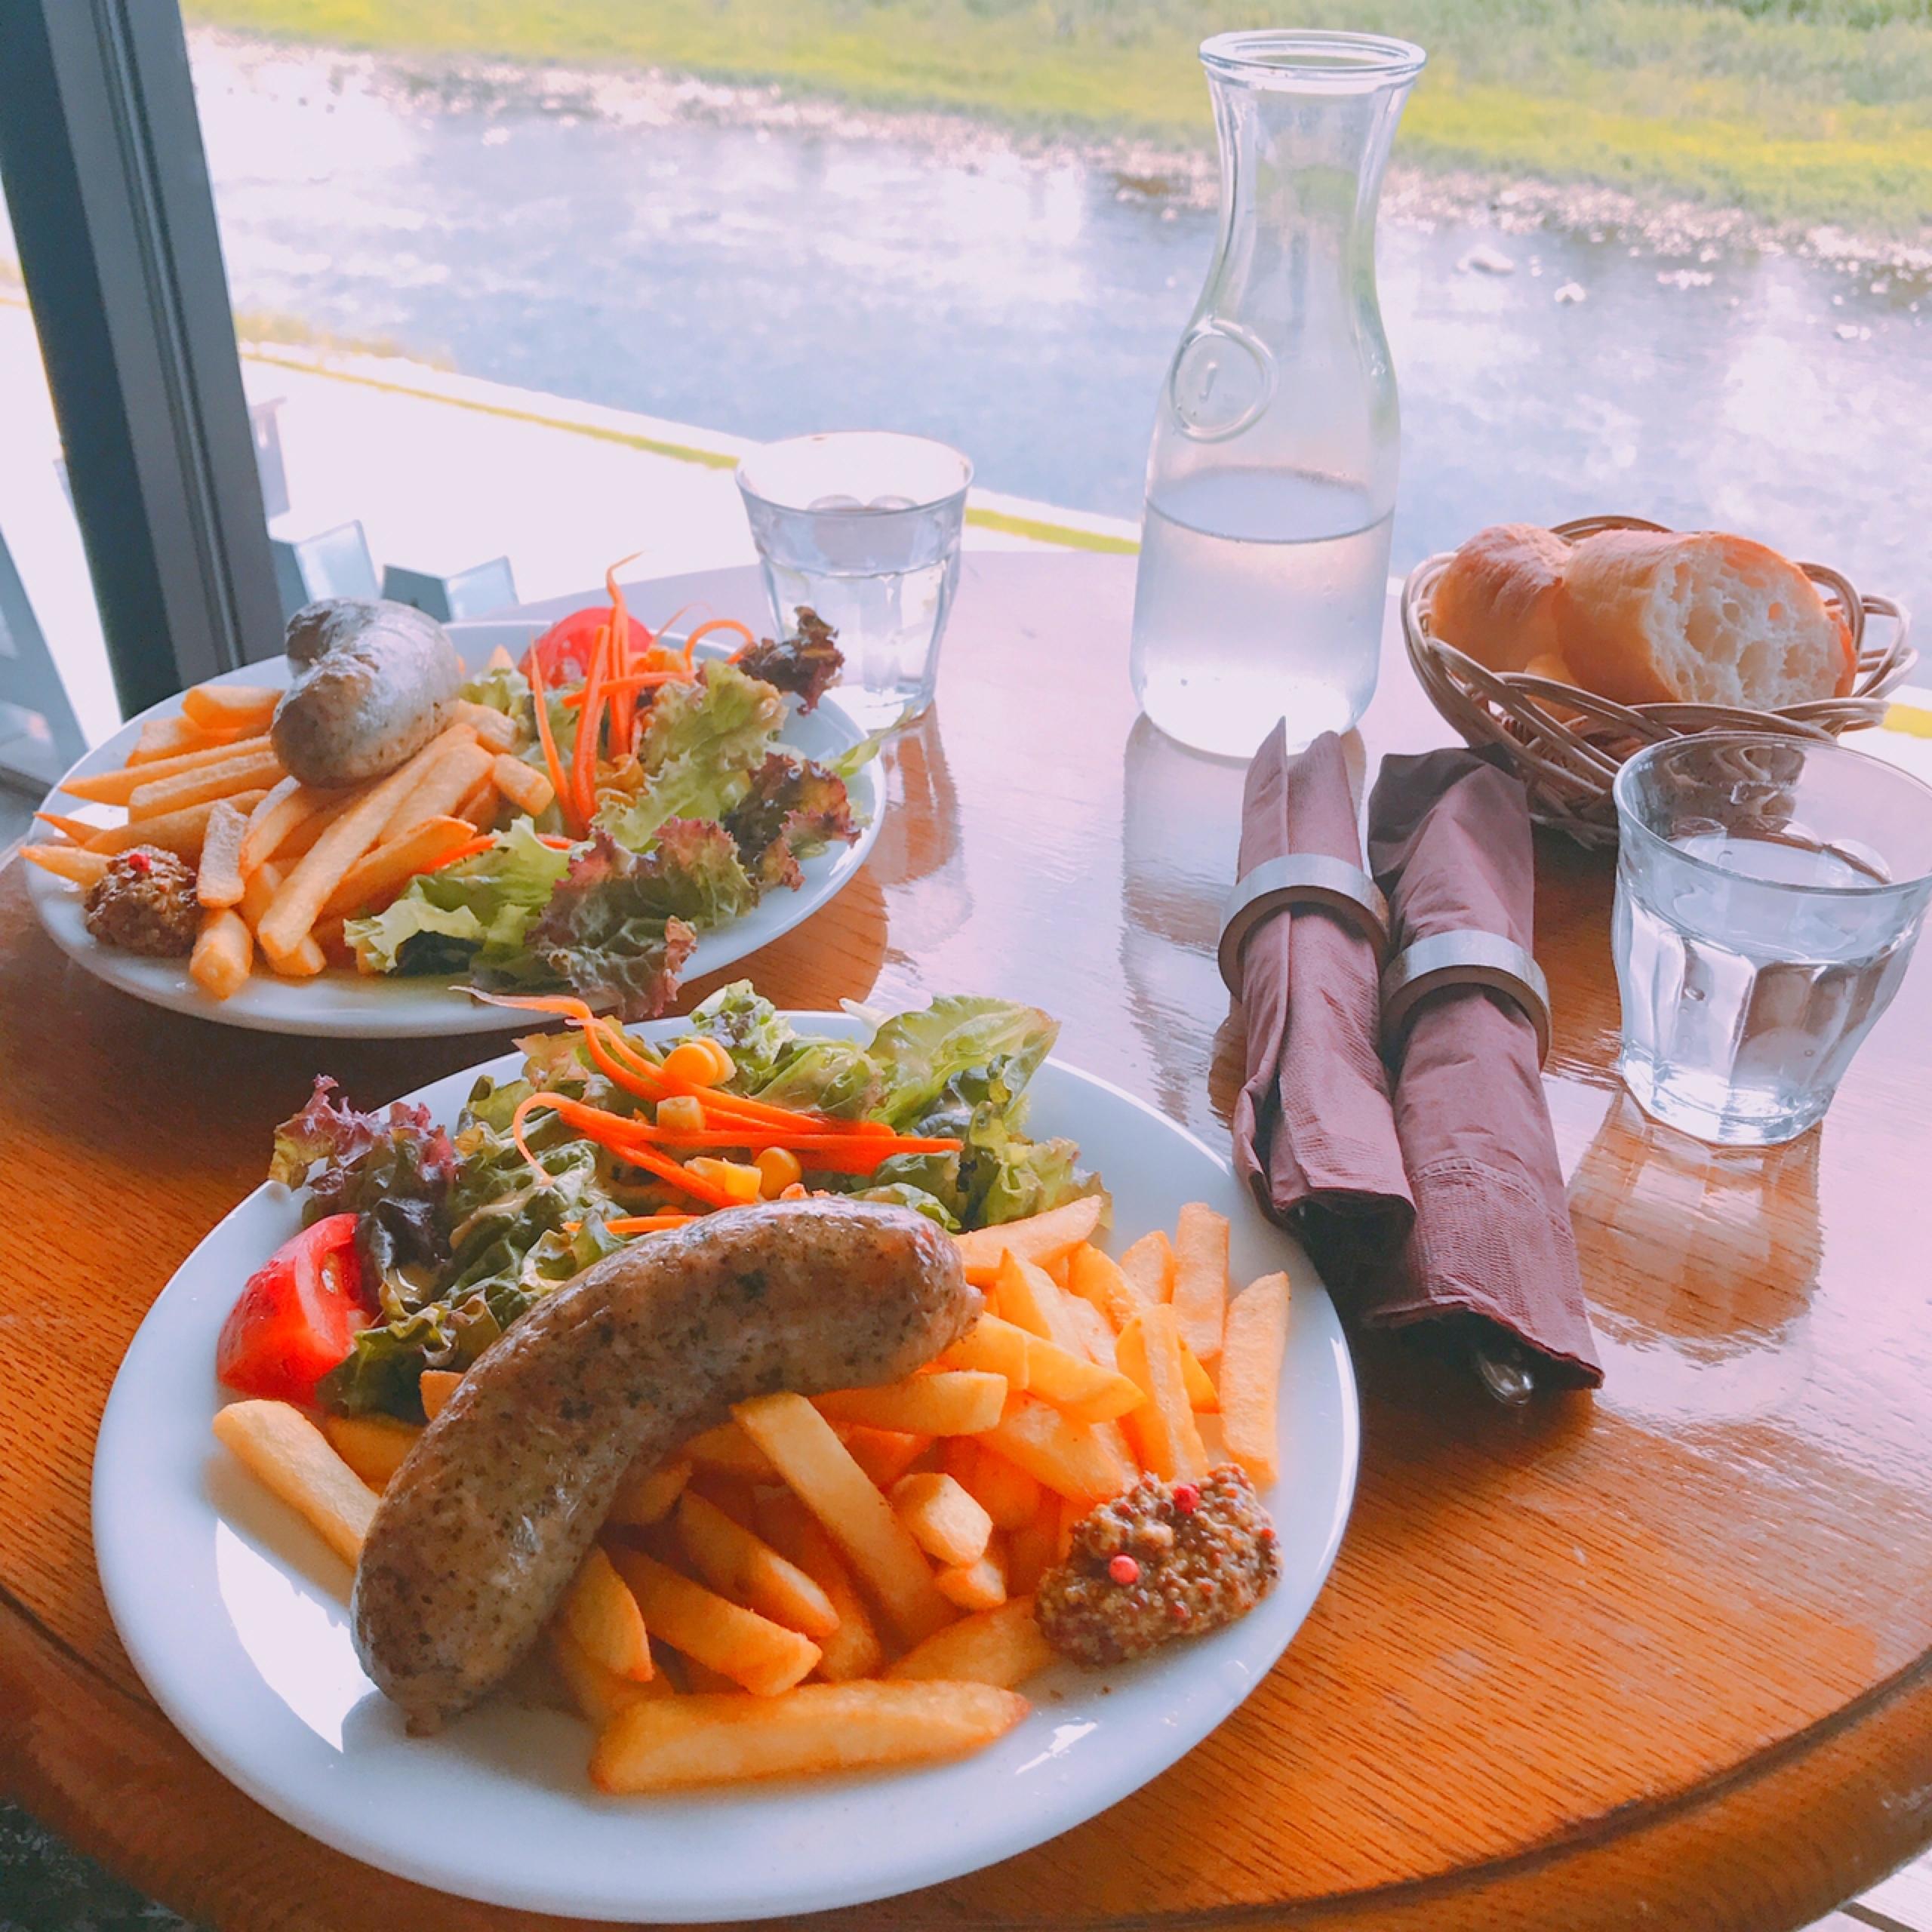 【このKYOTO cafeがアツイ!!】鴨川を見ながらランチ♡ kawacafe に行ってきました❁.*・゚_1_4